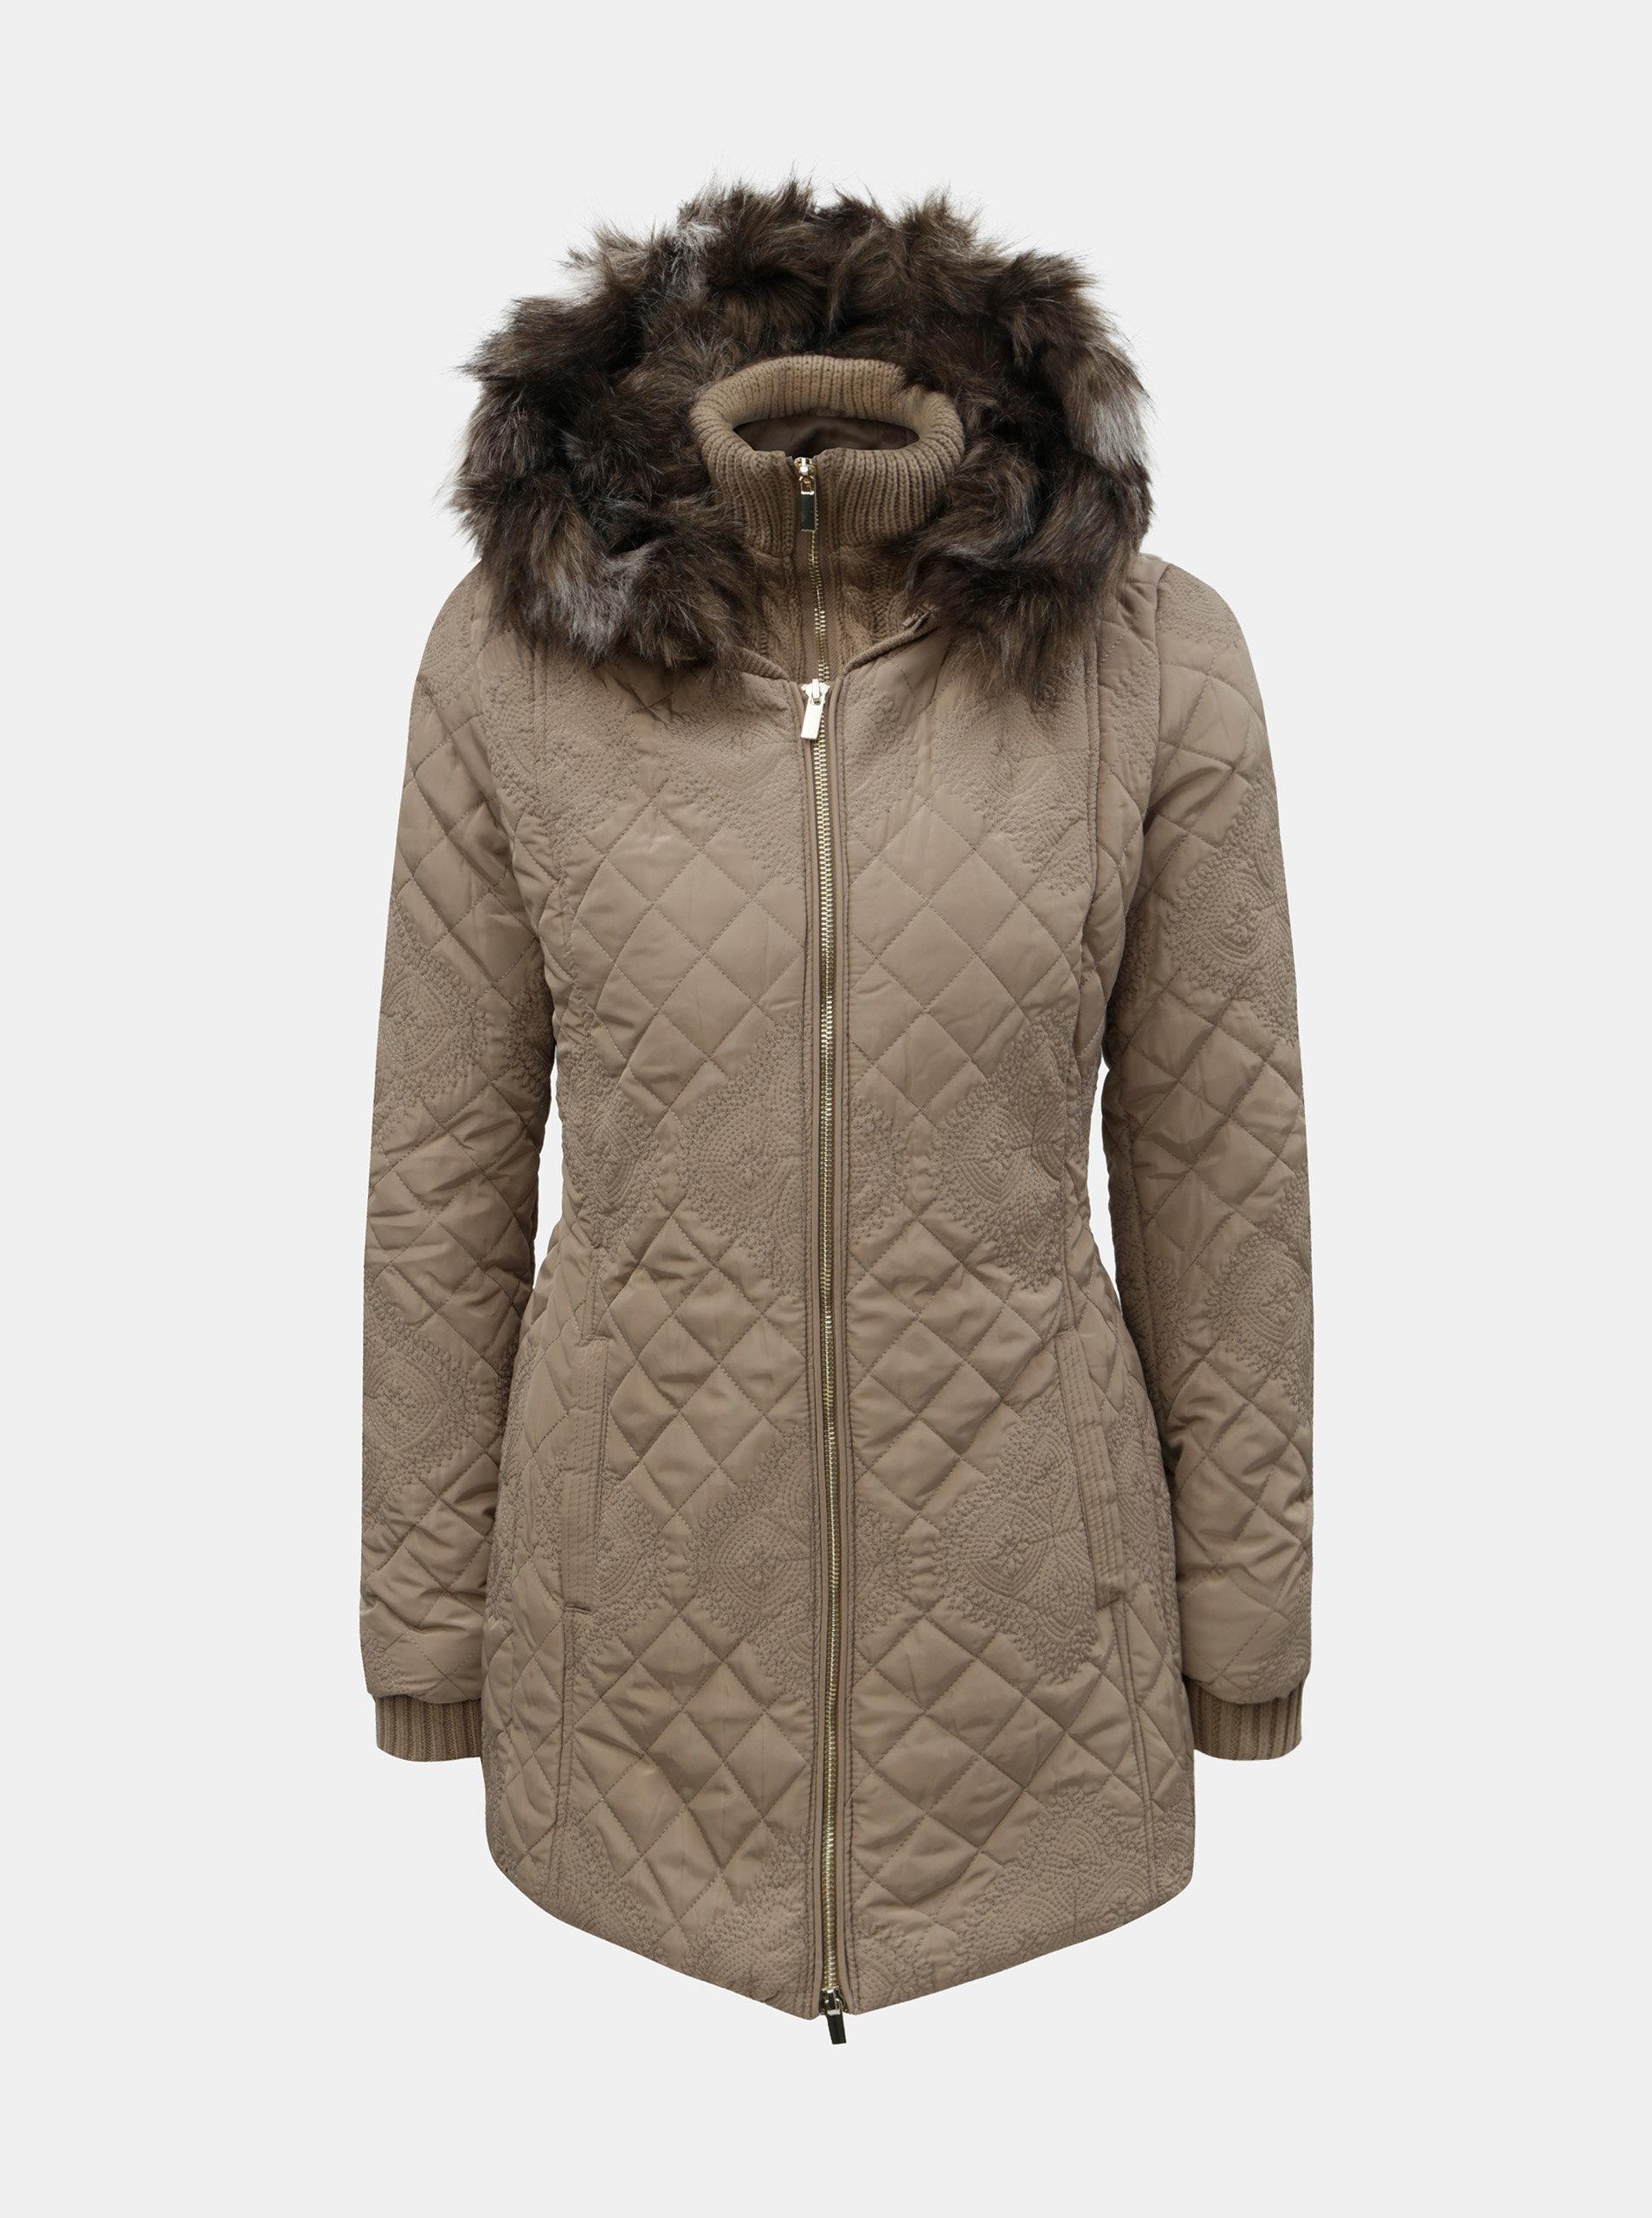 be90f6f4e36 Béžová zimní bunda s odnímatelnou vnitřní svetrovou částí Desigual Maca ...